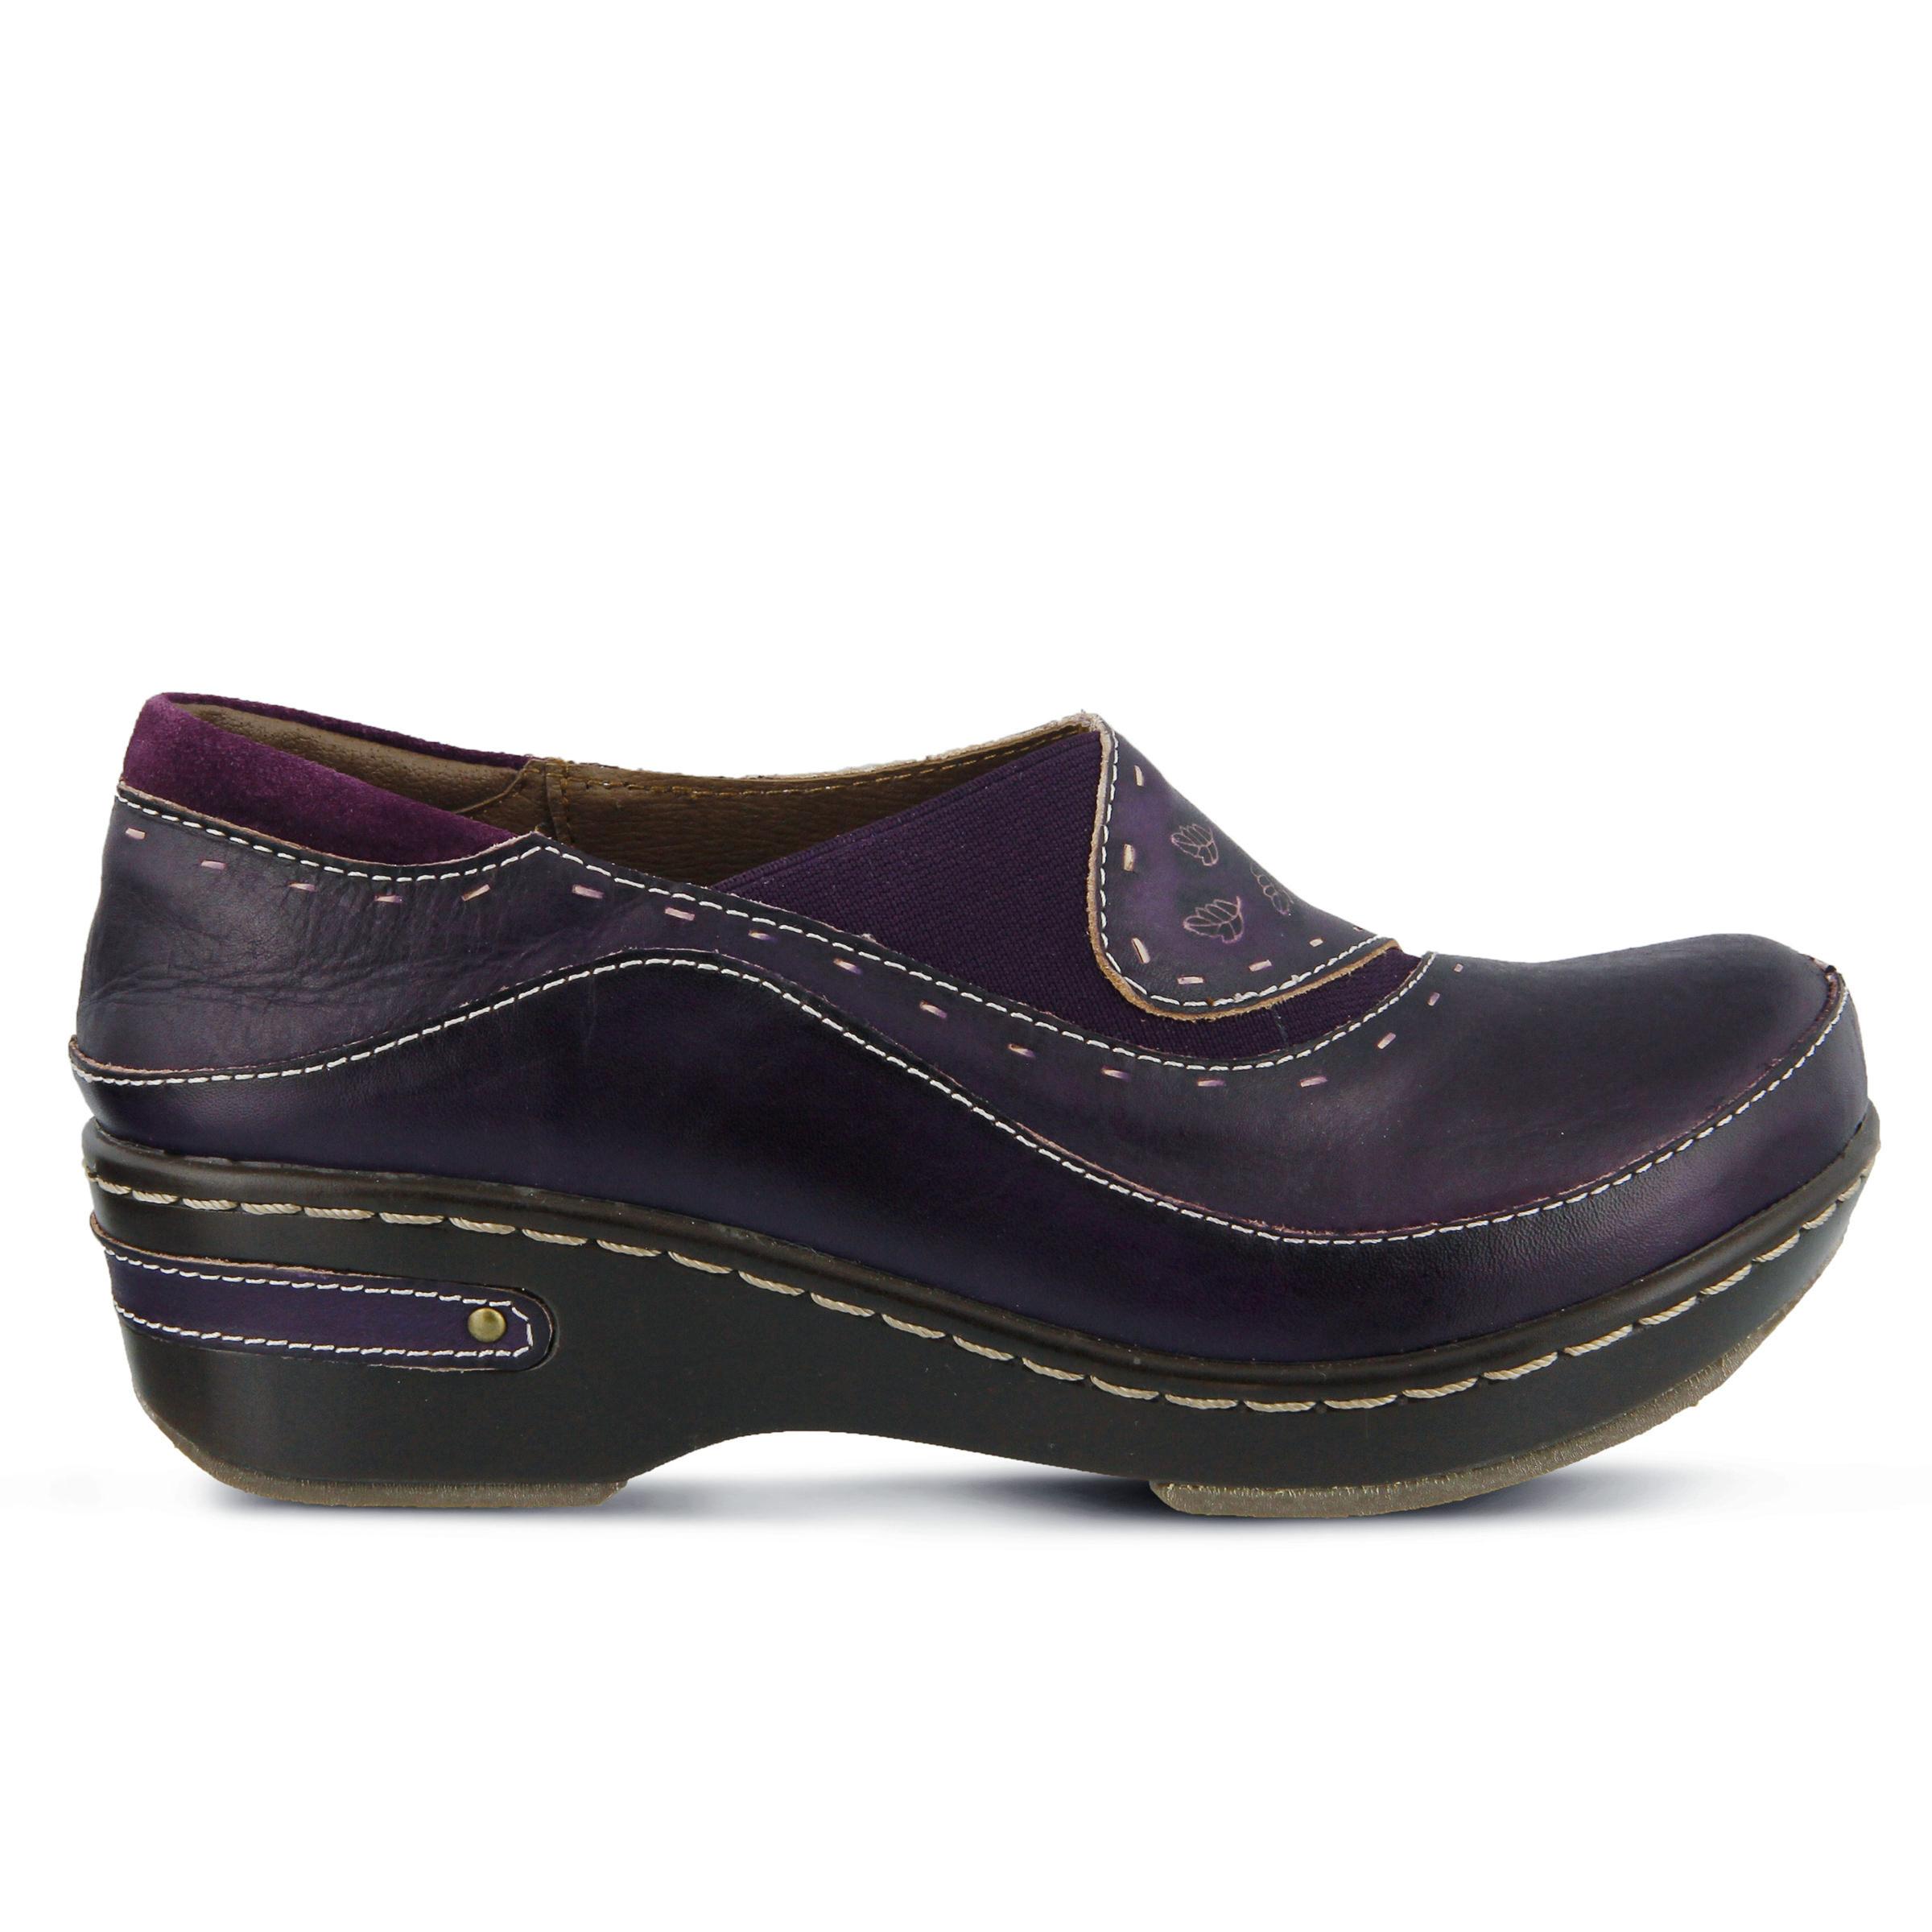 L'Artiste Burbank Women's Shoe (Purple Leather)